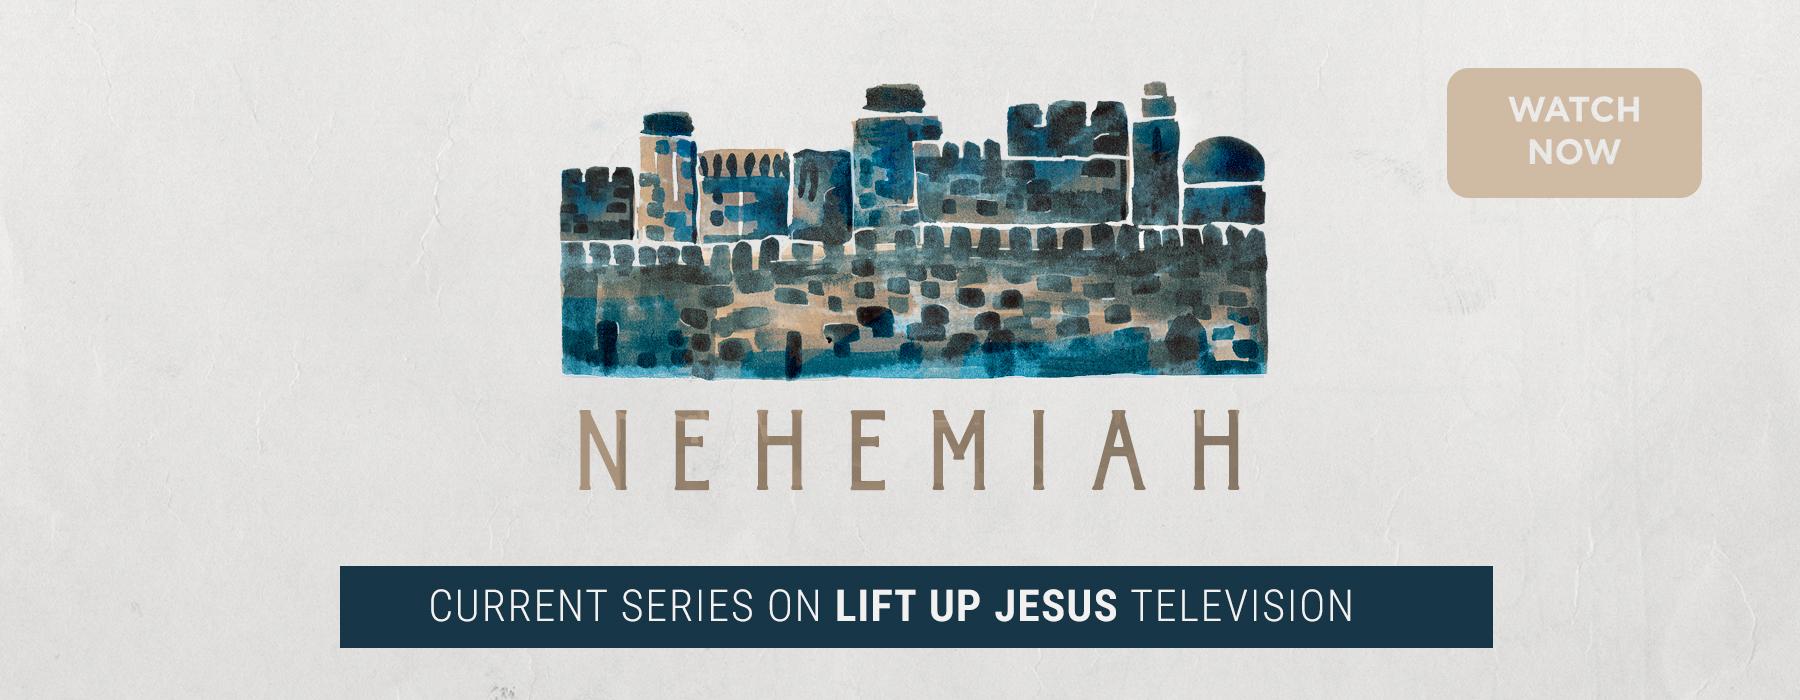 2020-Nehemiah-Homepag-Banner